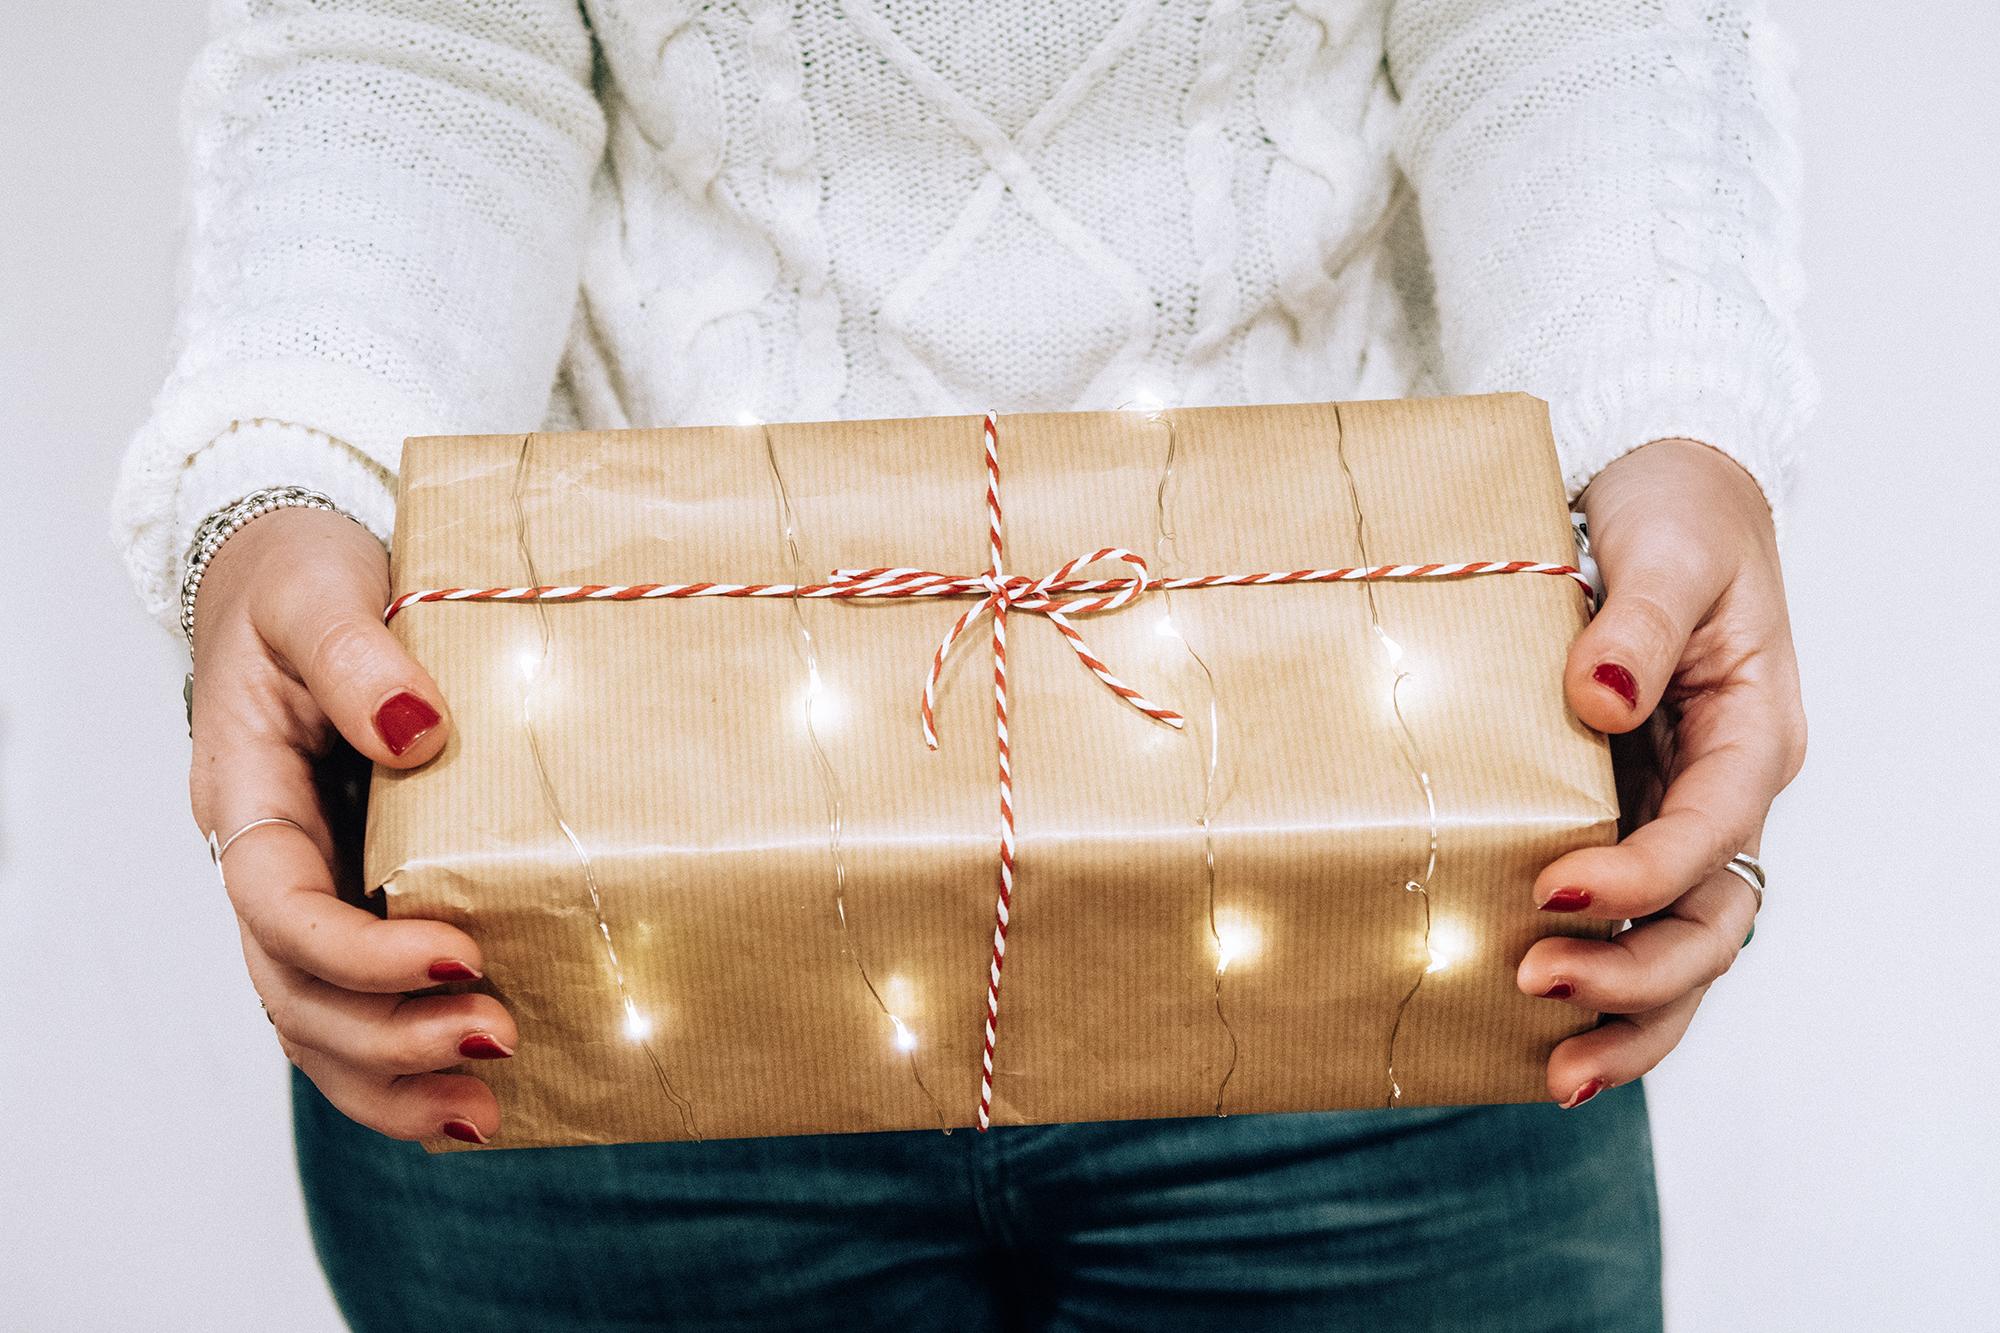 Top 5 regali per chi viaggia spesso per lavoro